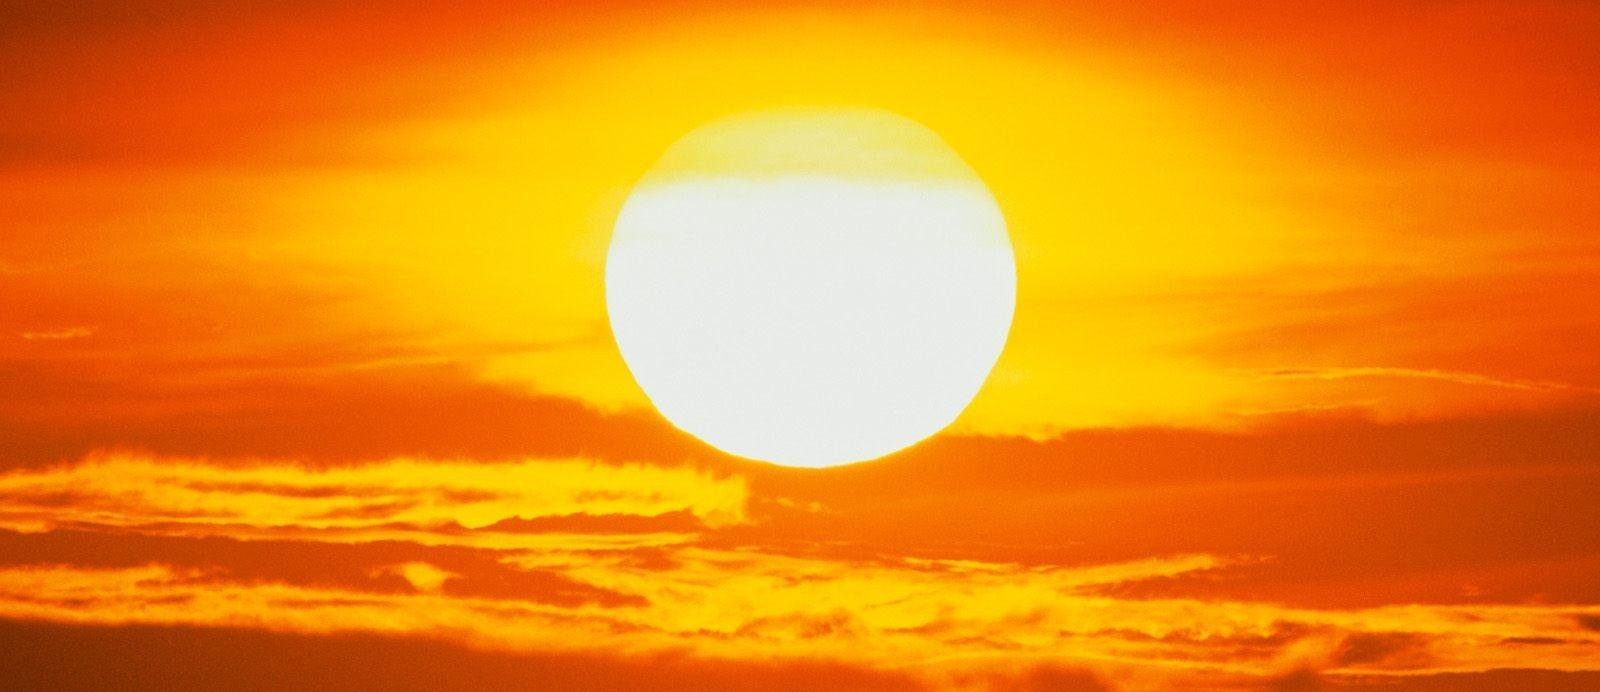 Amanece un día soleado, ¿qué se te viene a la mente?